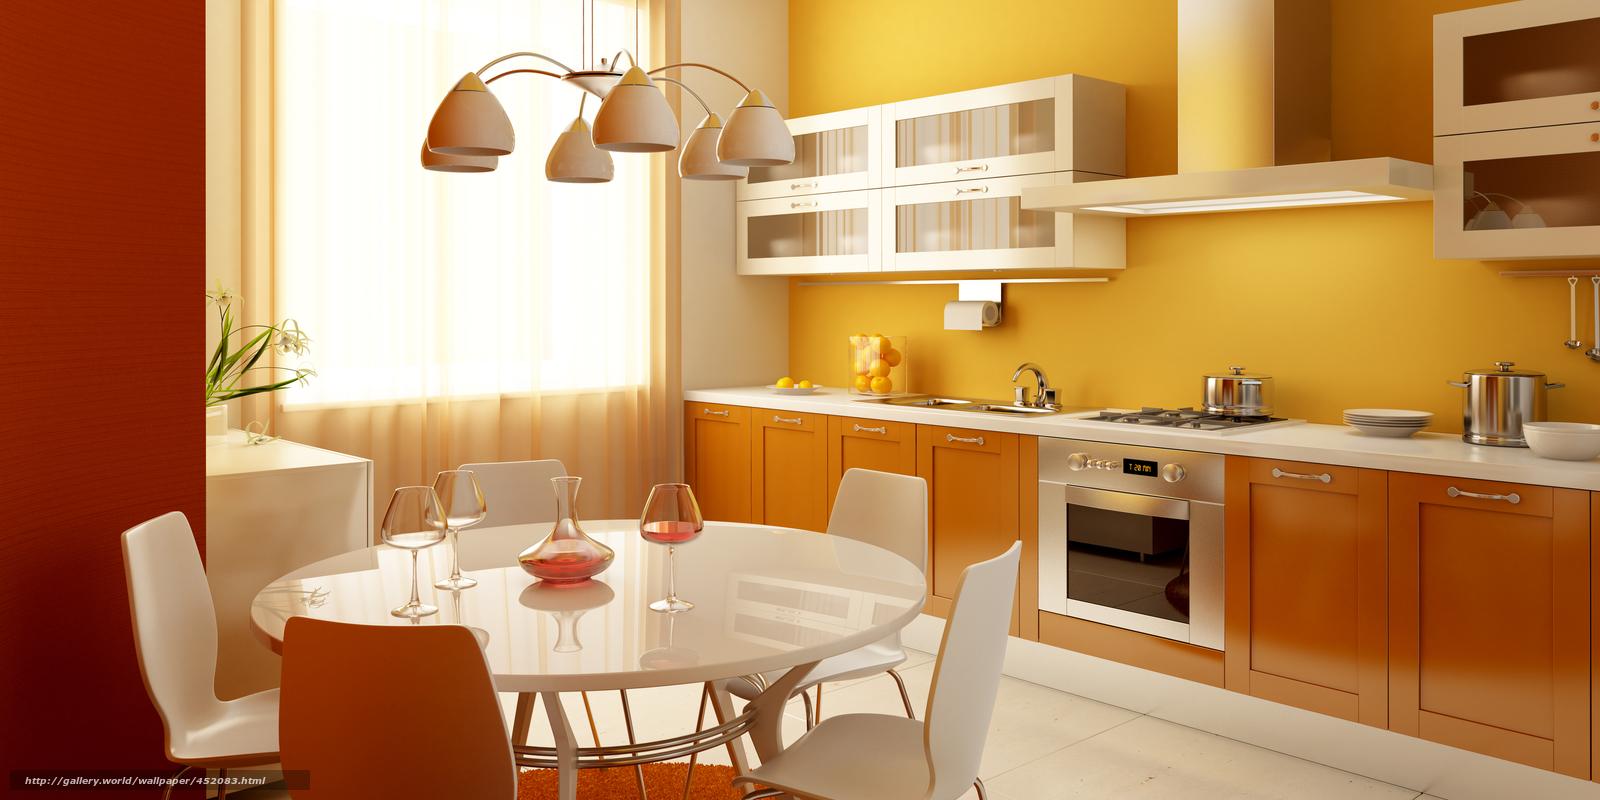 Scaricare Gli Sfondi Cucina Armadietti Tavolo Bicchiere Da Vino  #852E05 1600 800 Armadietti Da Cucina